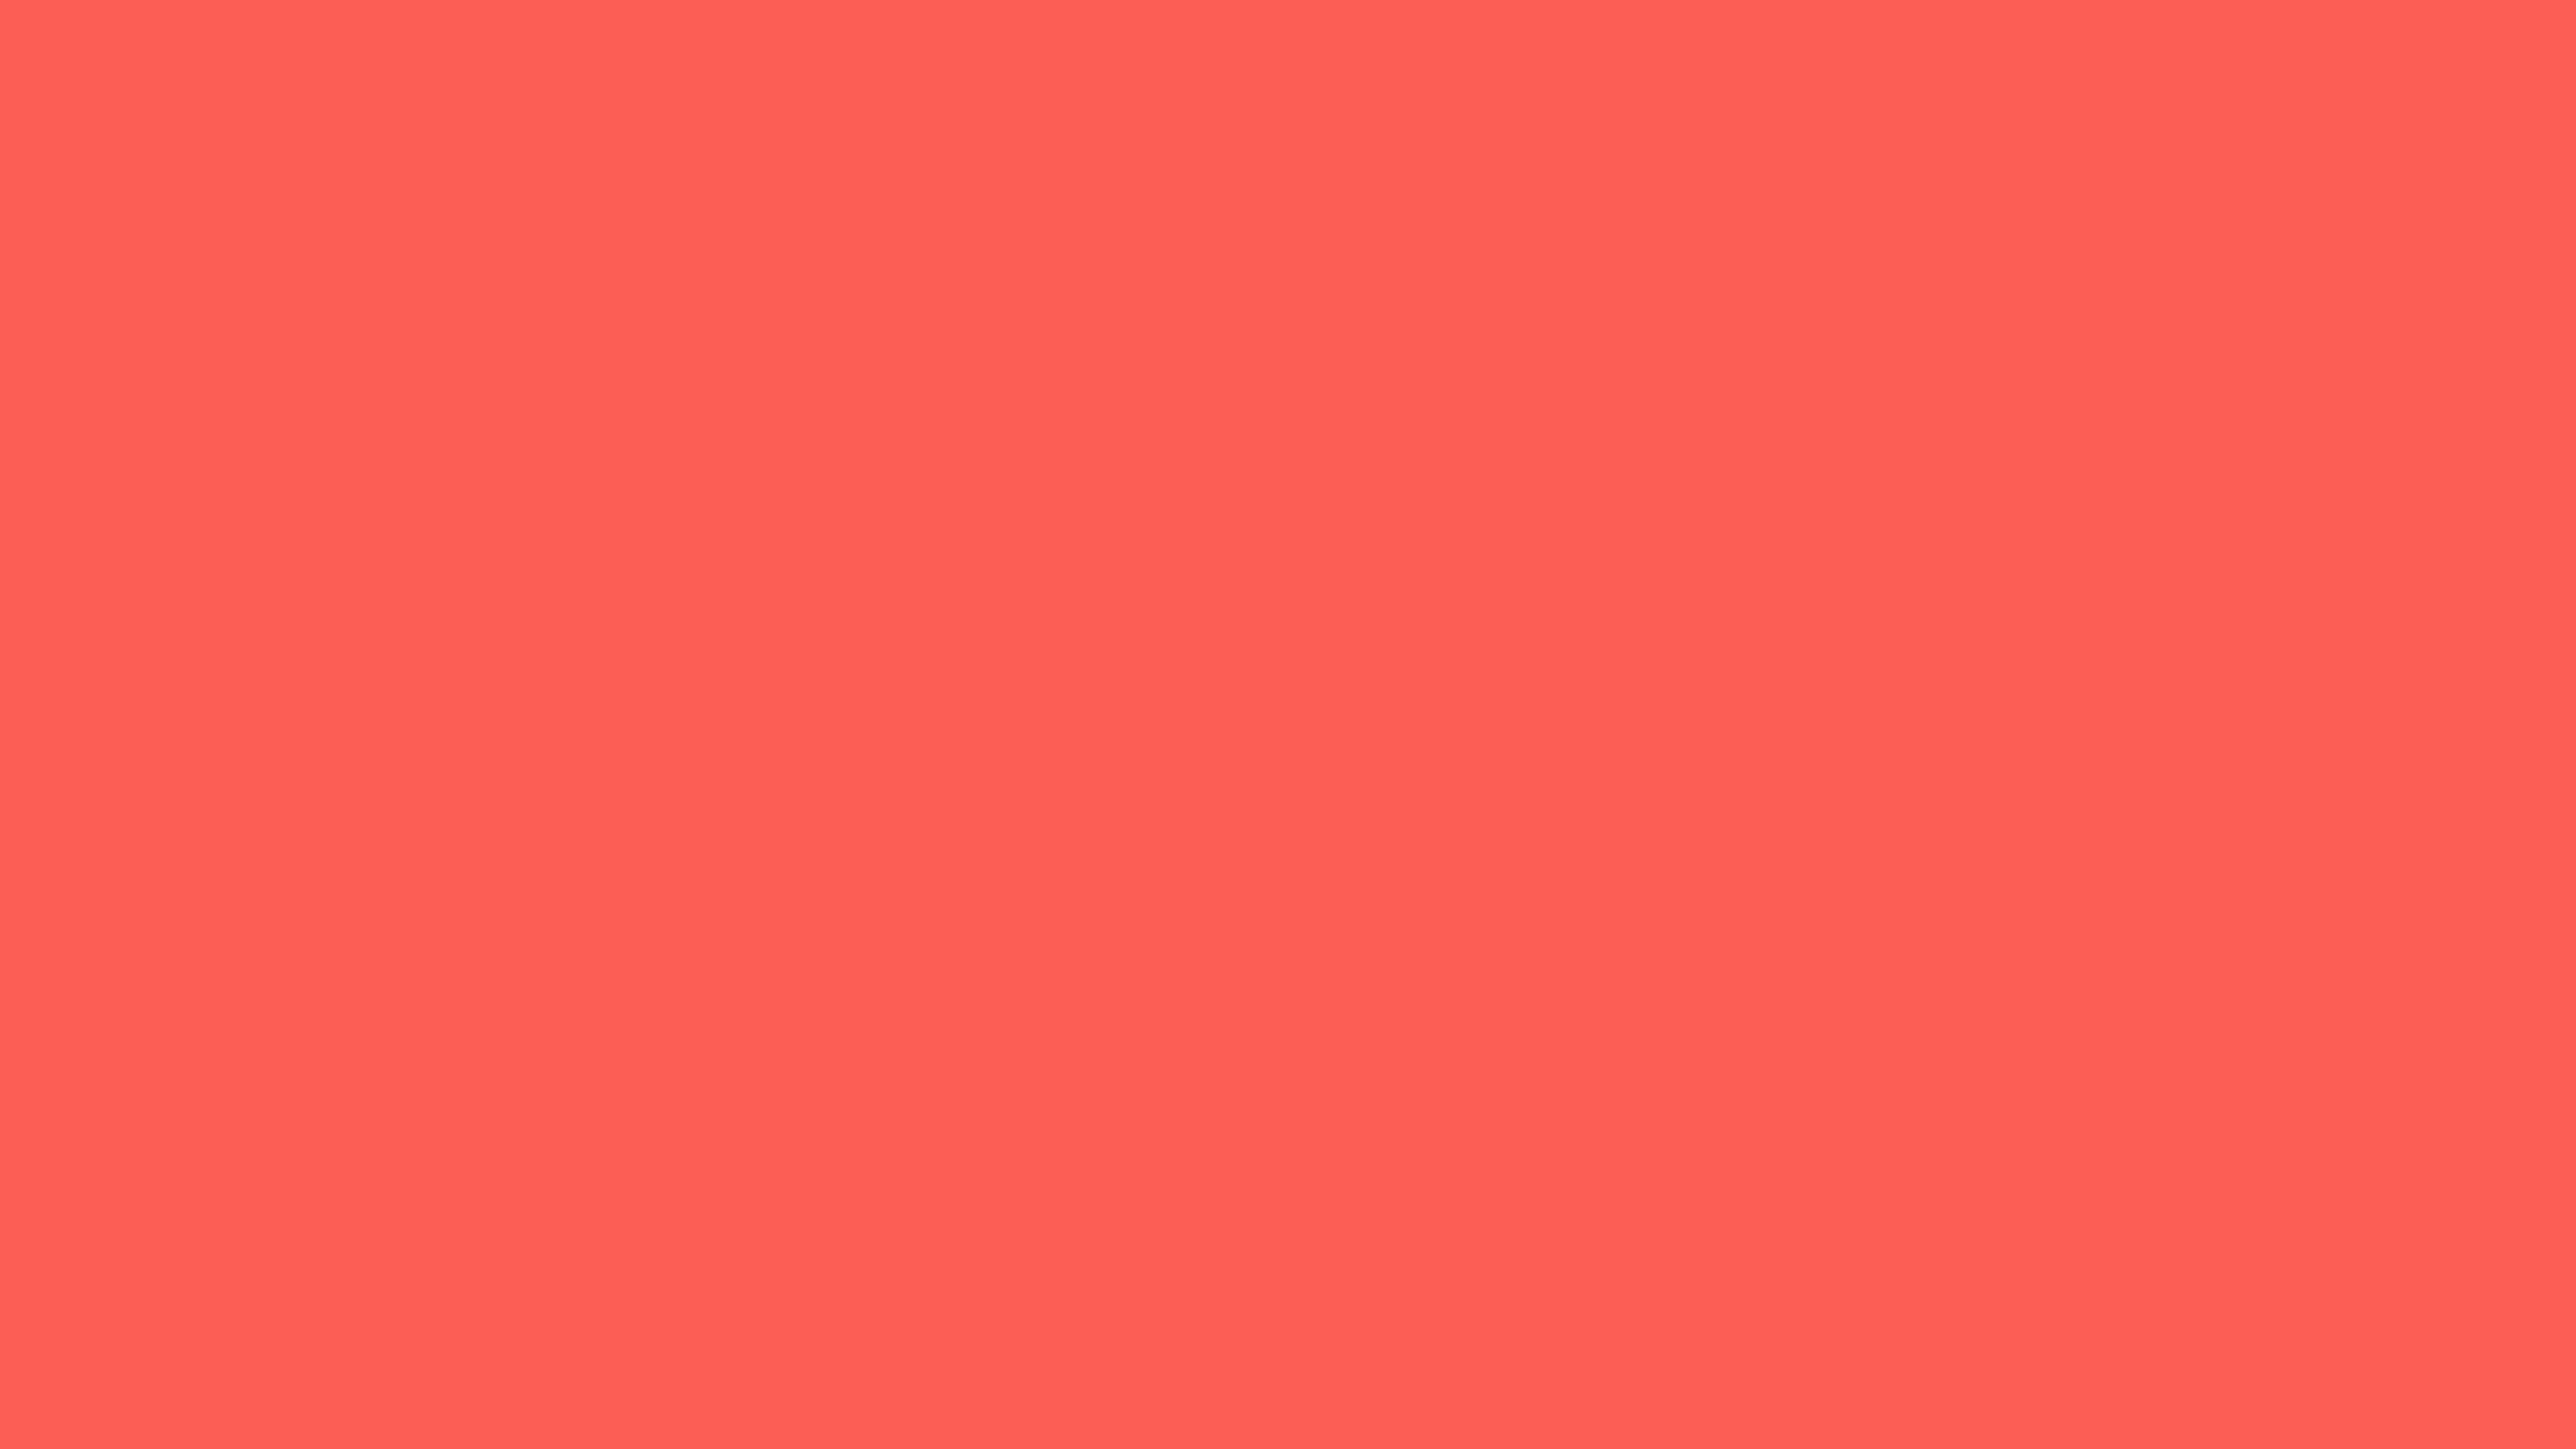 5120x2880 Sunset Orange Solid Color Background